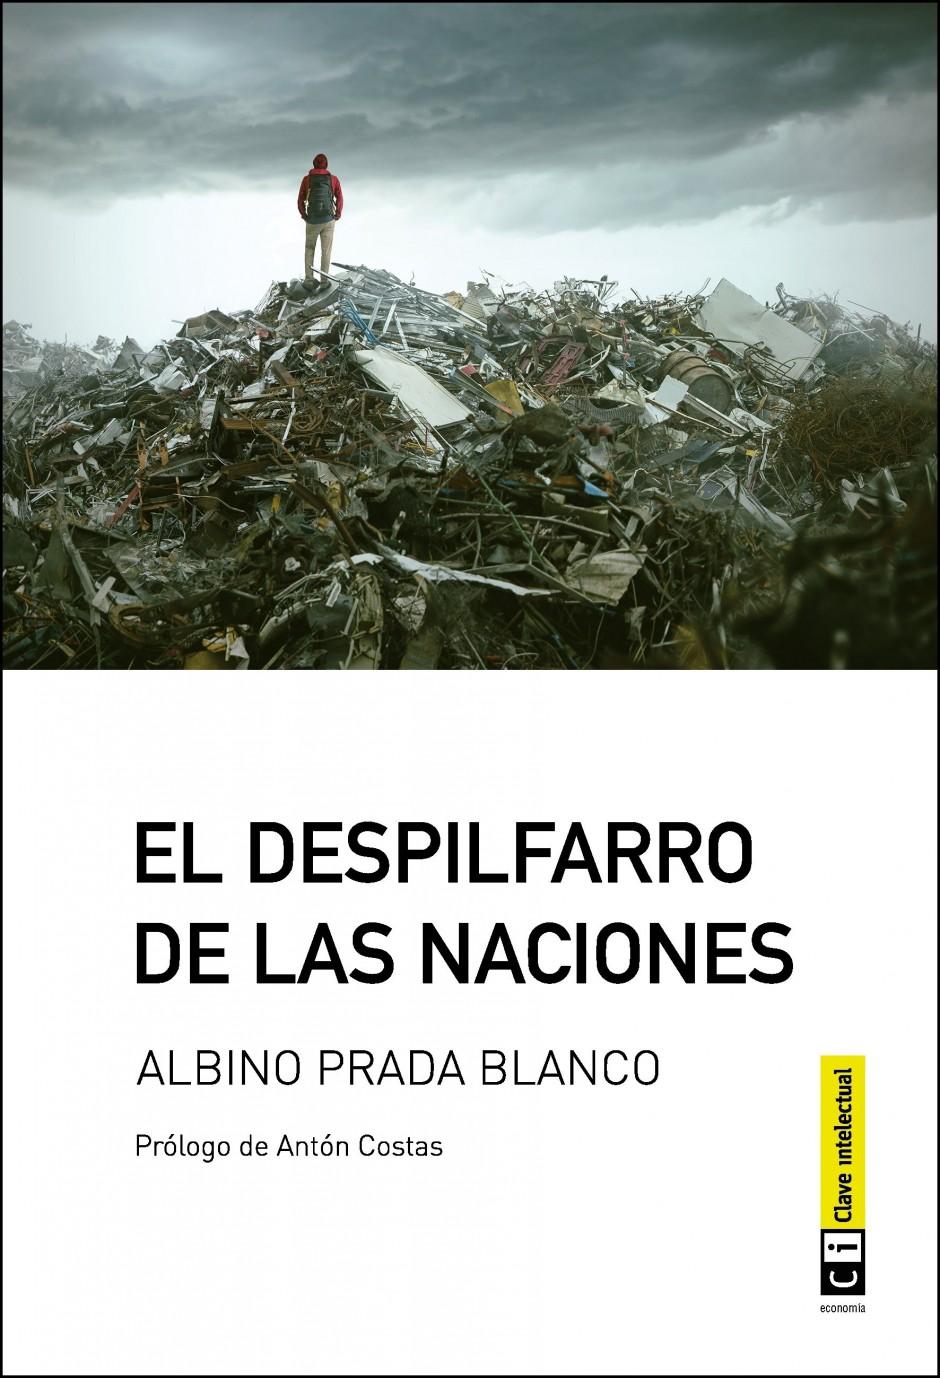 Albino Prada Blanco: El despilfarro de las naciones